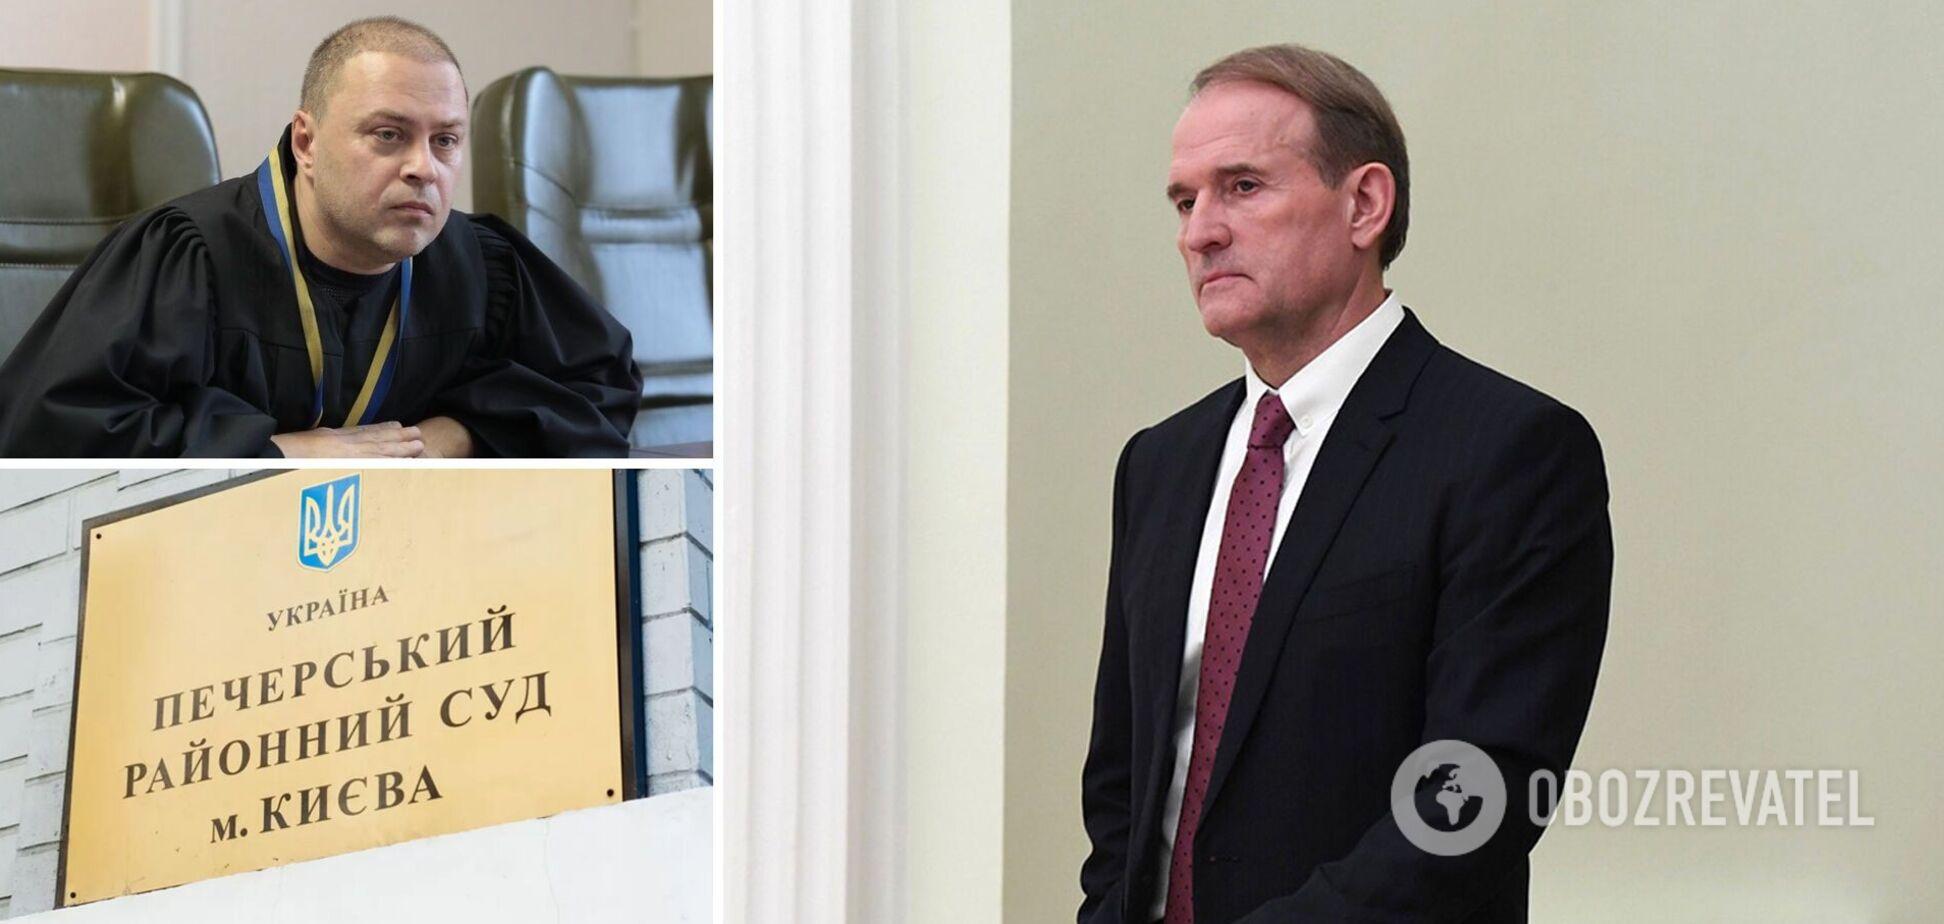 Очень 'бедный' и скандальный: что известно о судье, который решает судьбу Медведчука